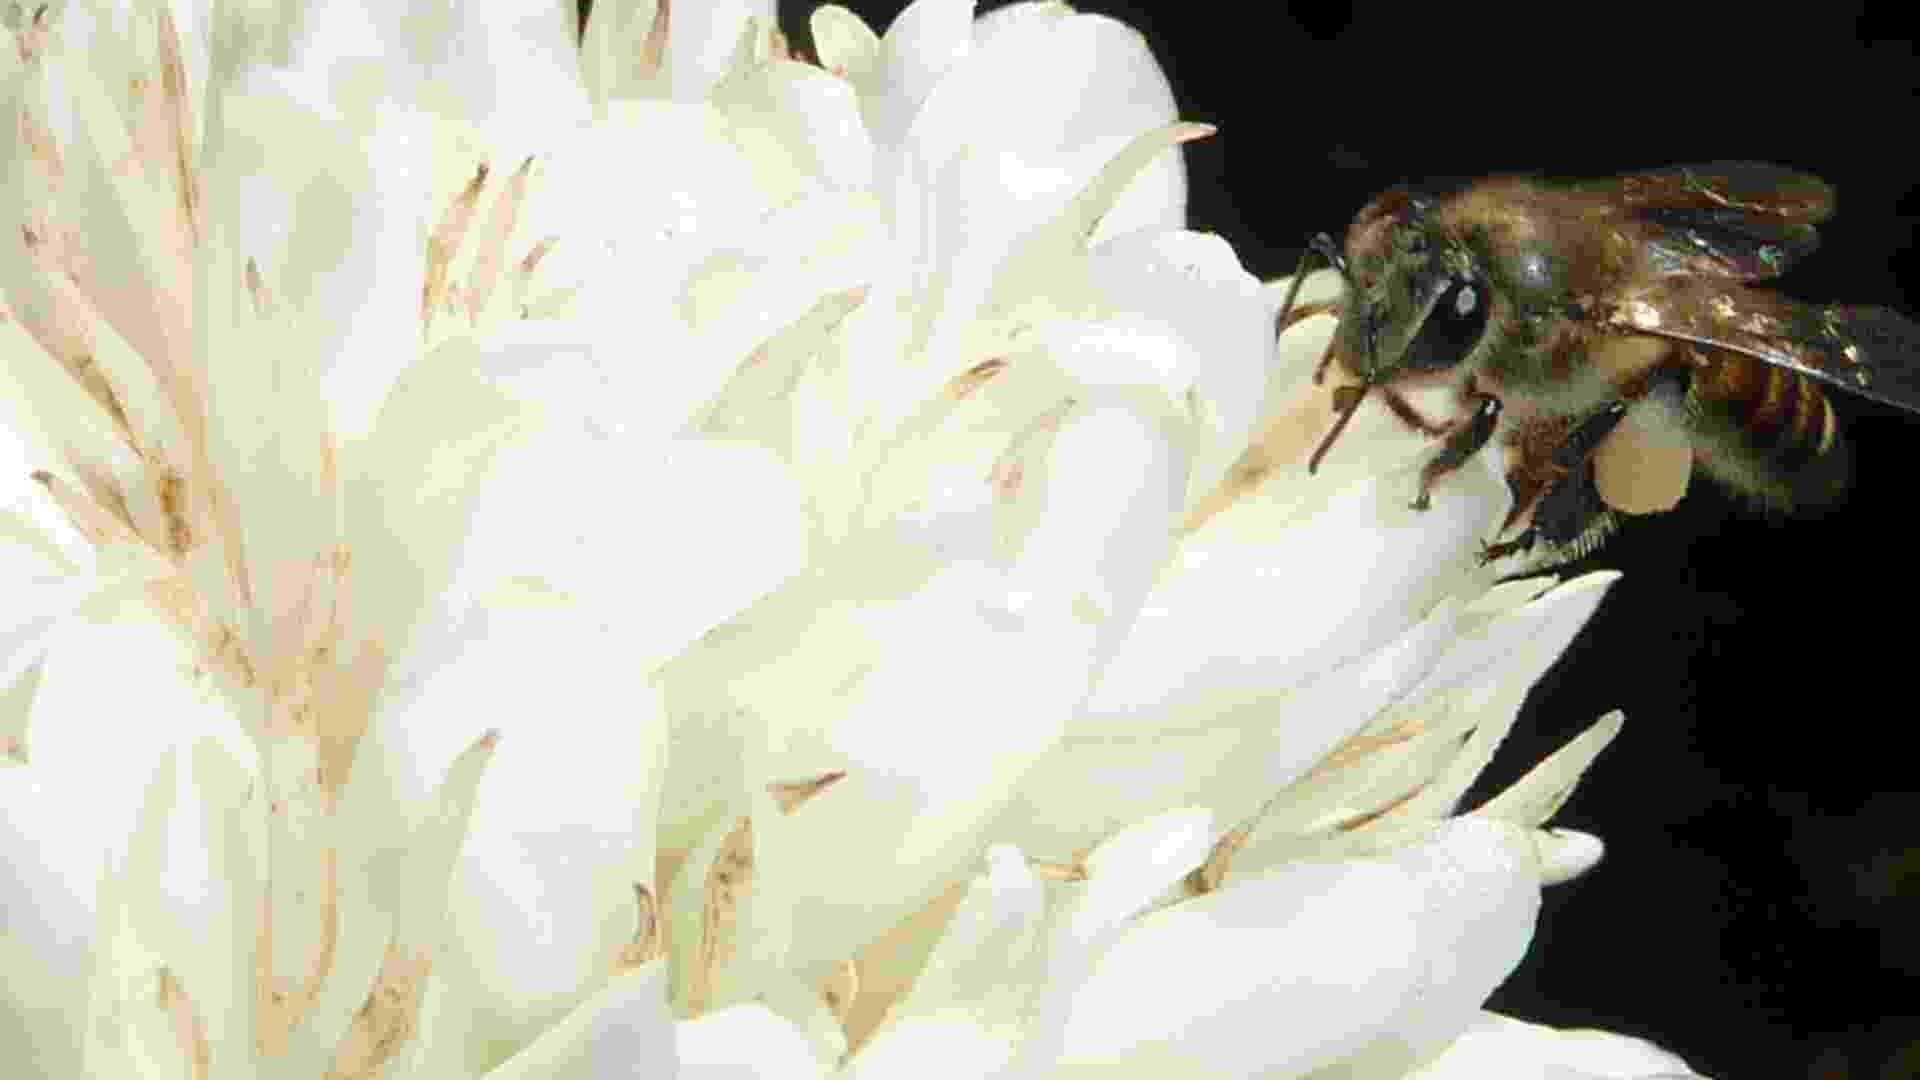 """8.mar.2013 - Abelhas que se alimentam de uma solução açucarada com cafeína, presente nas flores cítricas ou nas de café (foto), ficam mais """"ligadas"""" e passam a ter melhora na polinização. Pesquisa da Universidade de Newcastle, no Reino Unido, indica que o efeito da cafeína na memória dos insetos foi significativo: três vezes mais abelhas lembraram um aroma floral 24 horas depois de provar a cafeína e duas vezes mais abelhas lembraram do cheiro após três dias em relação àquelas que só provaram açúcar - Newcastle University/AFP"""